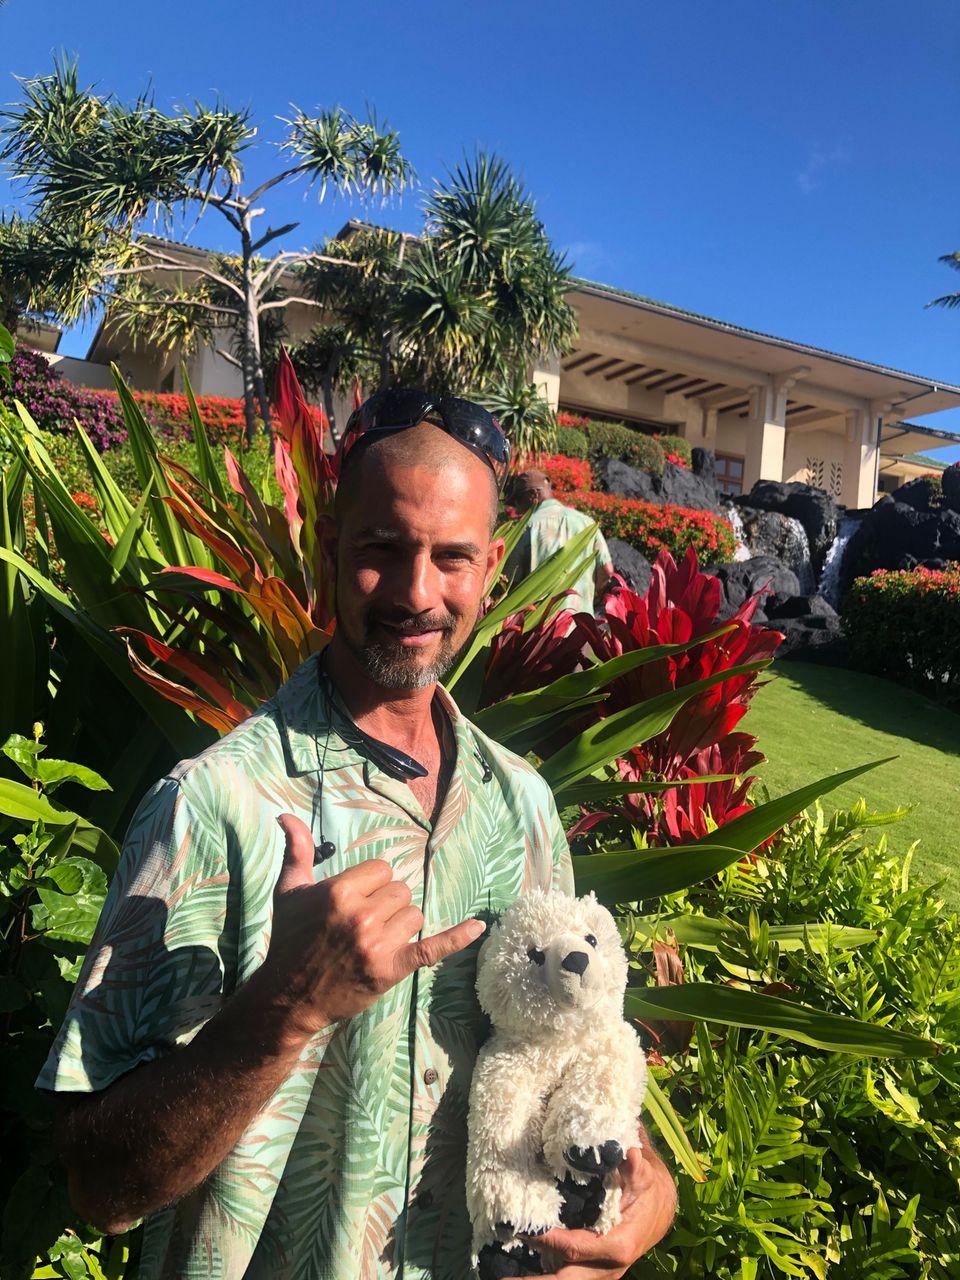 Der Landschaftgärtner des Hotels grüßt in die Kamera – mit dem Teddy auf dem Arm